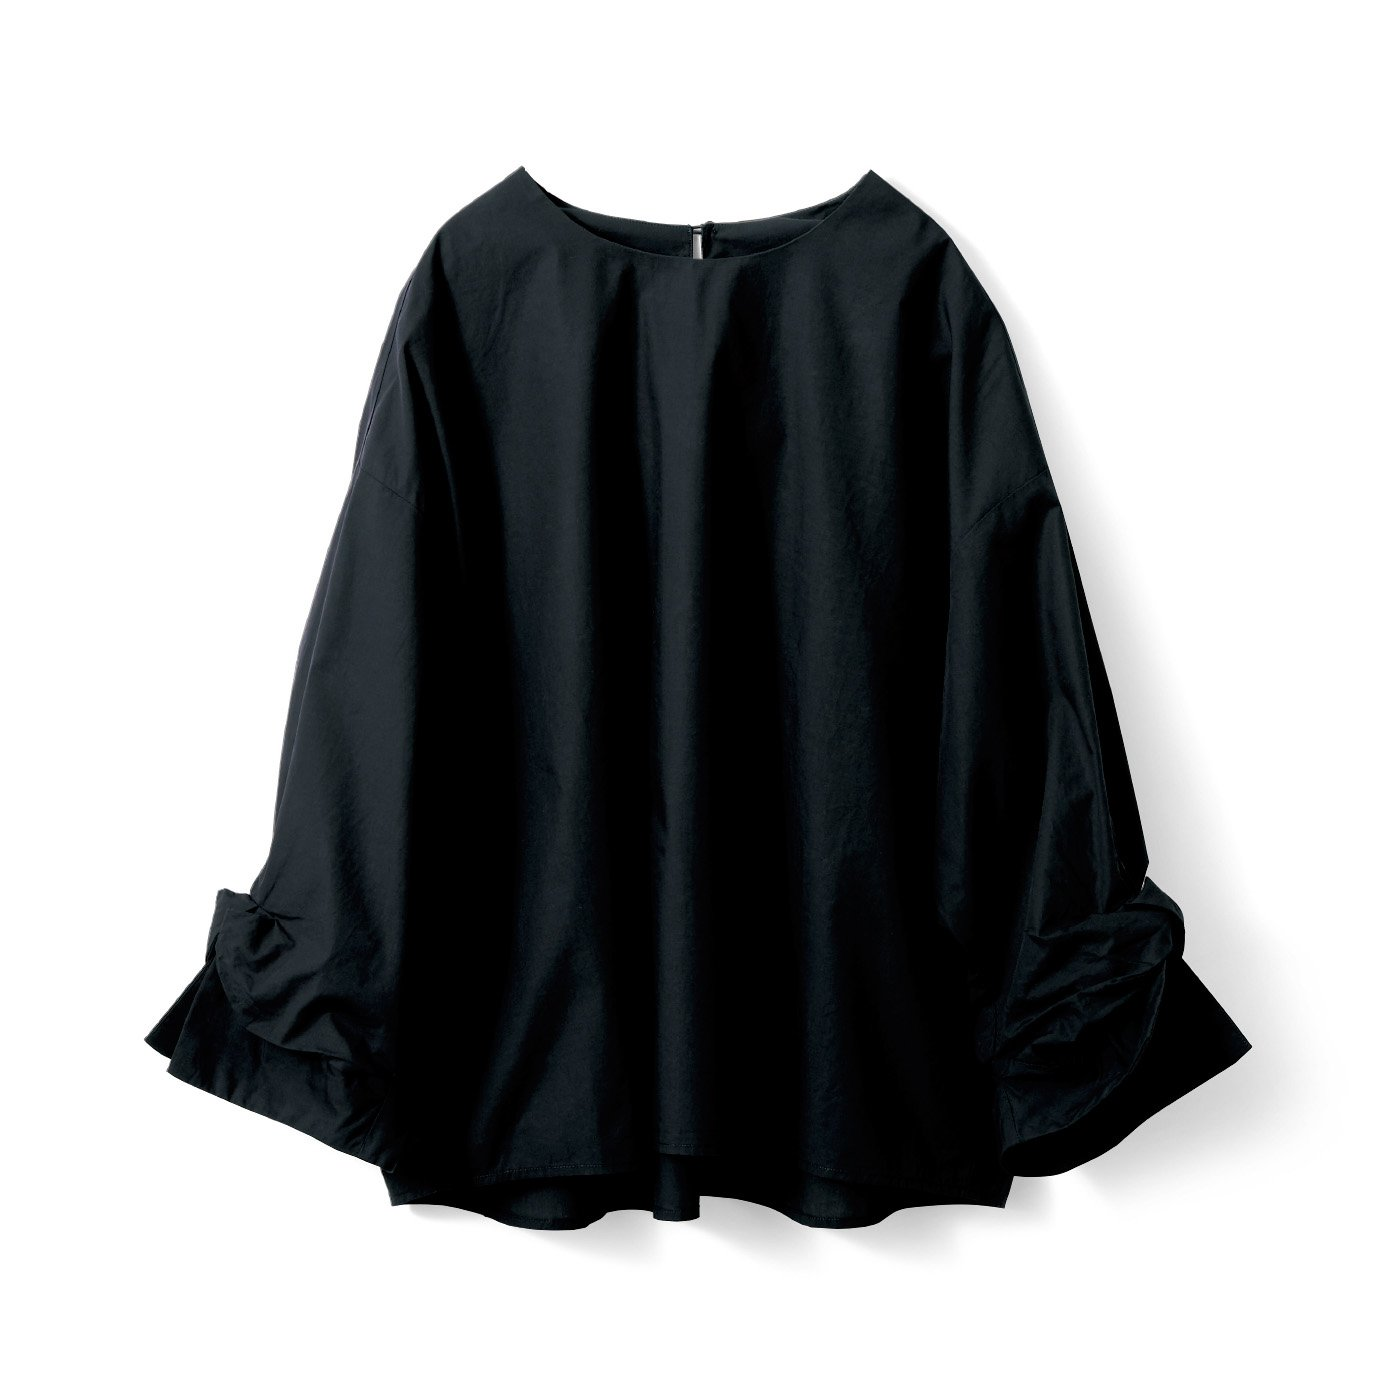 アヴェクモワ ねじり袖ブラウス〈黒〉